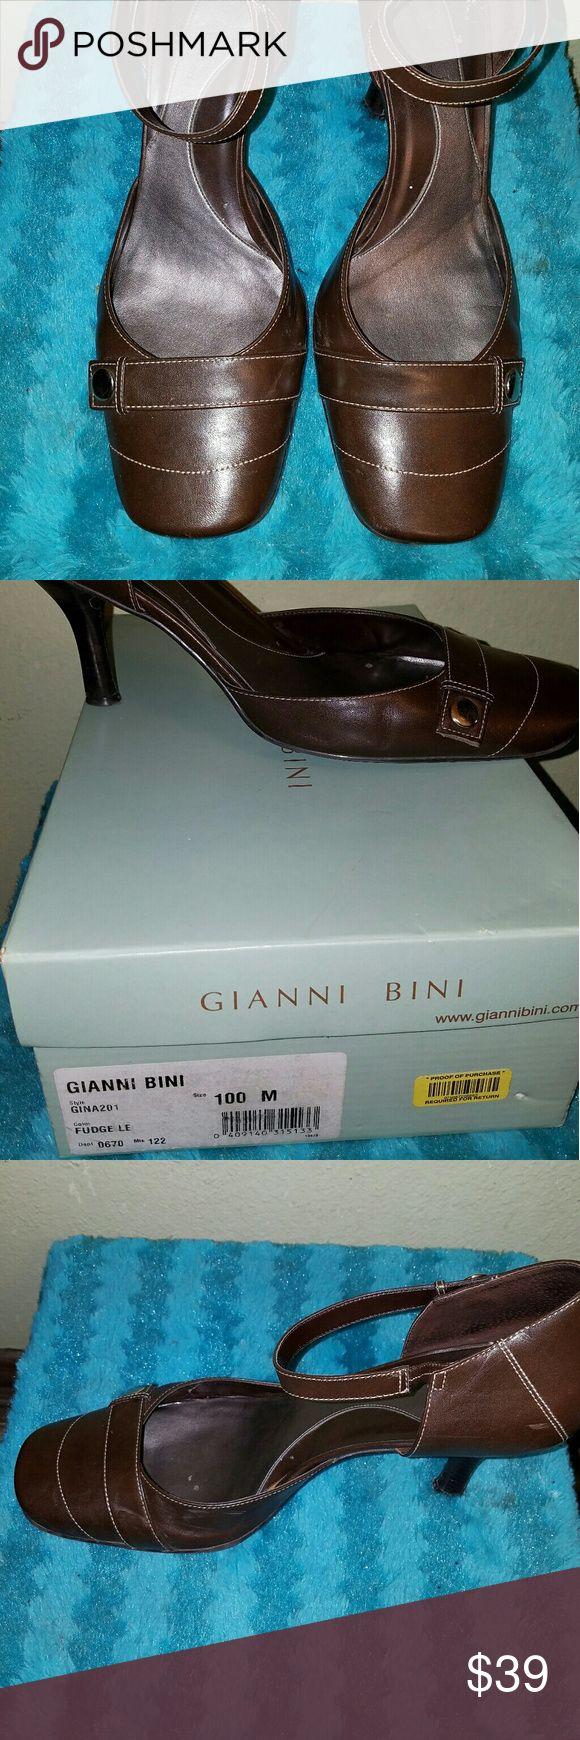 Gianni Bini Brown Short Heel Gianni Bini Brown Short Heel w/ Buckle Gianni Bini Shoes Heels